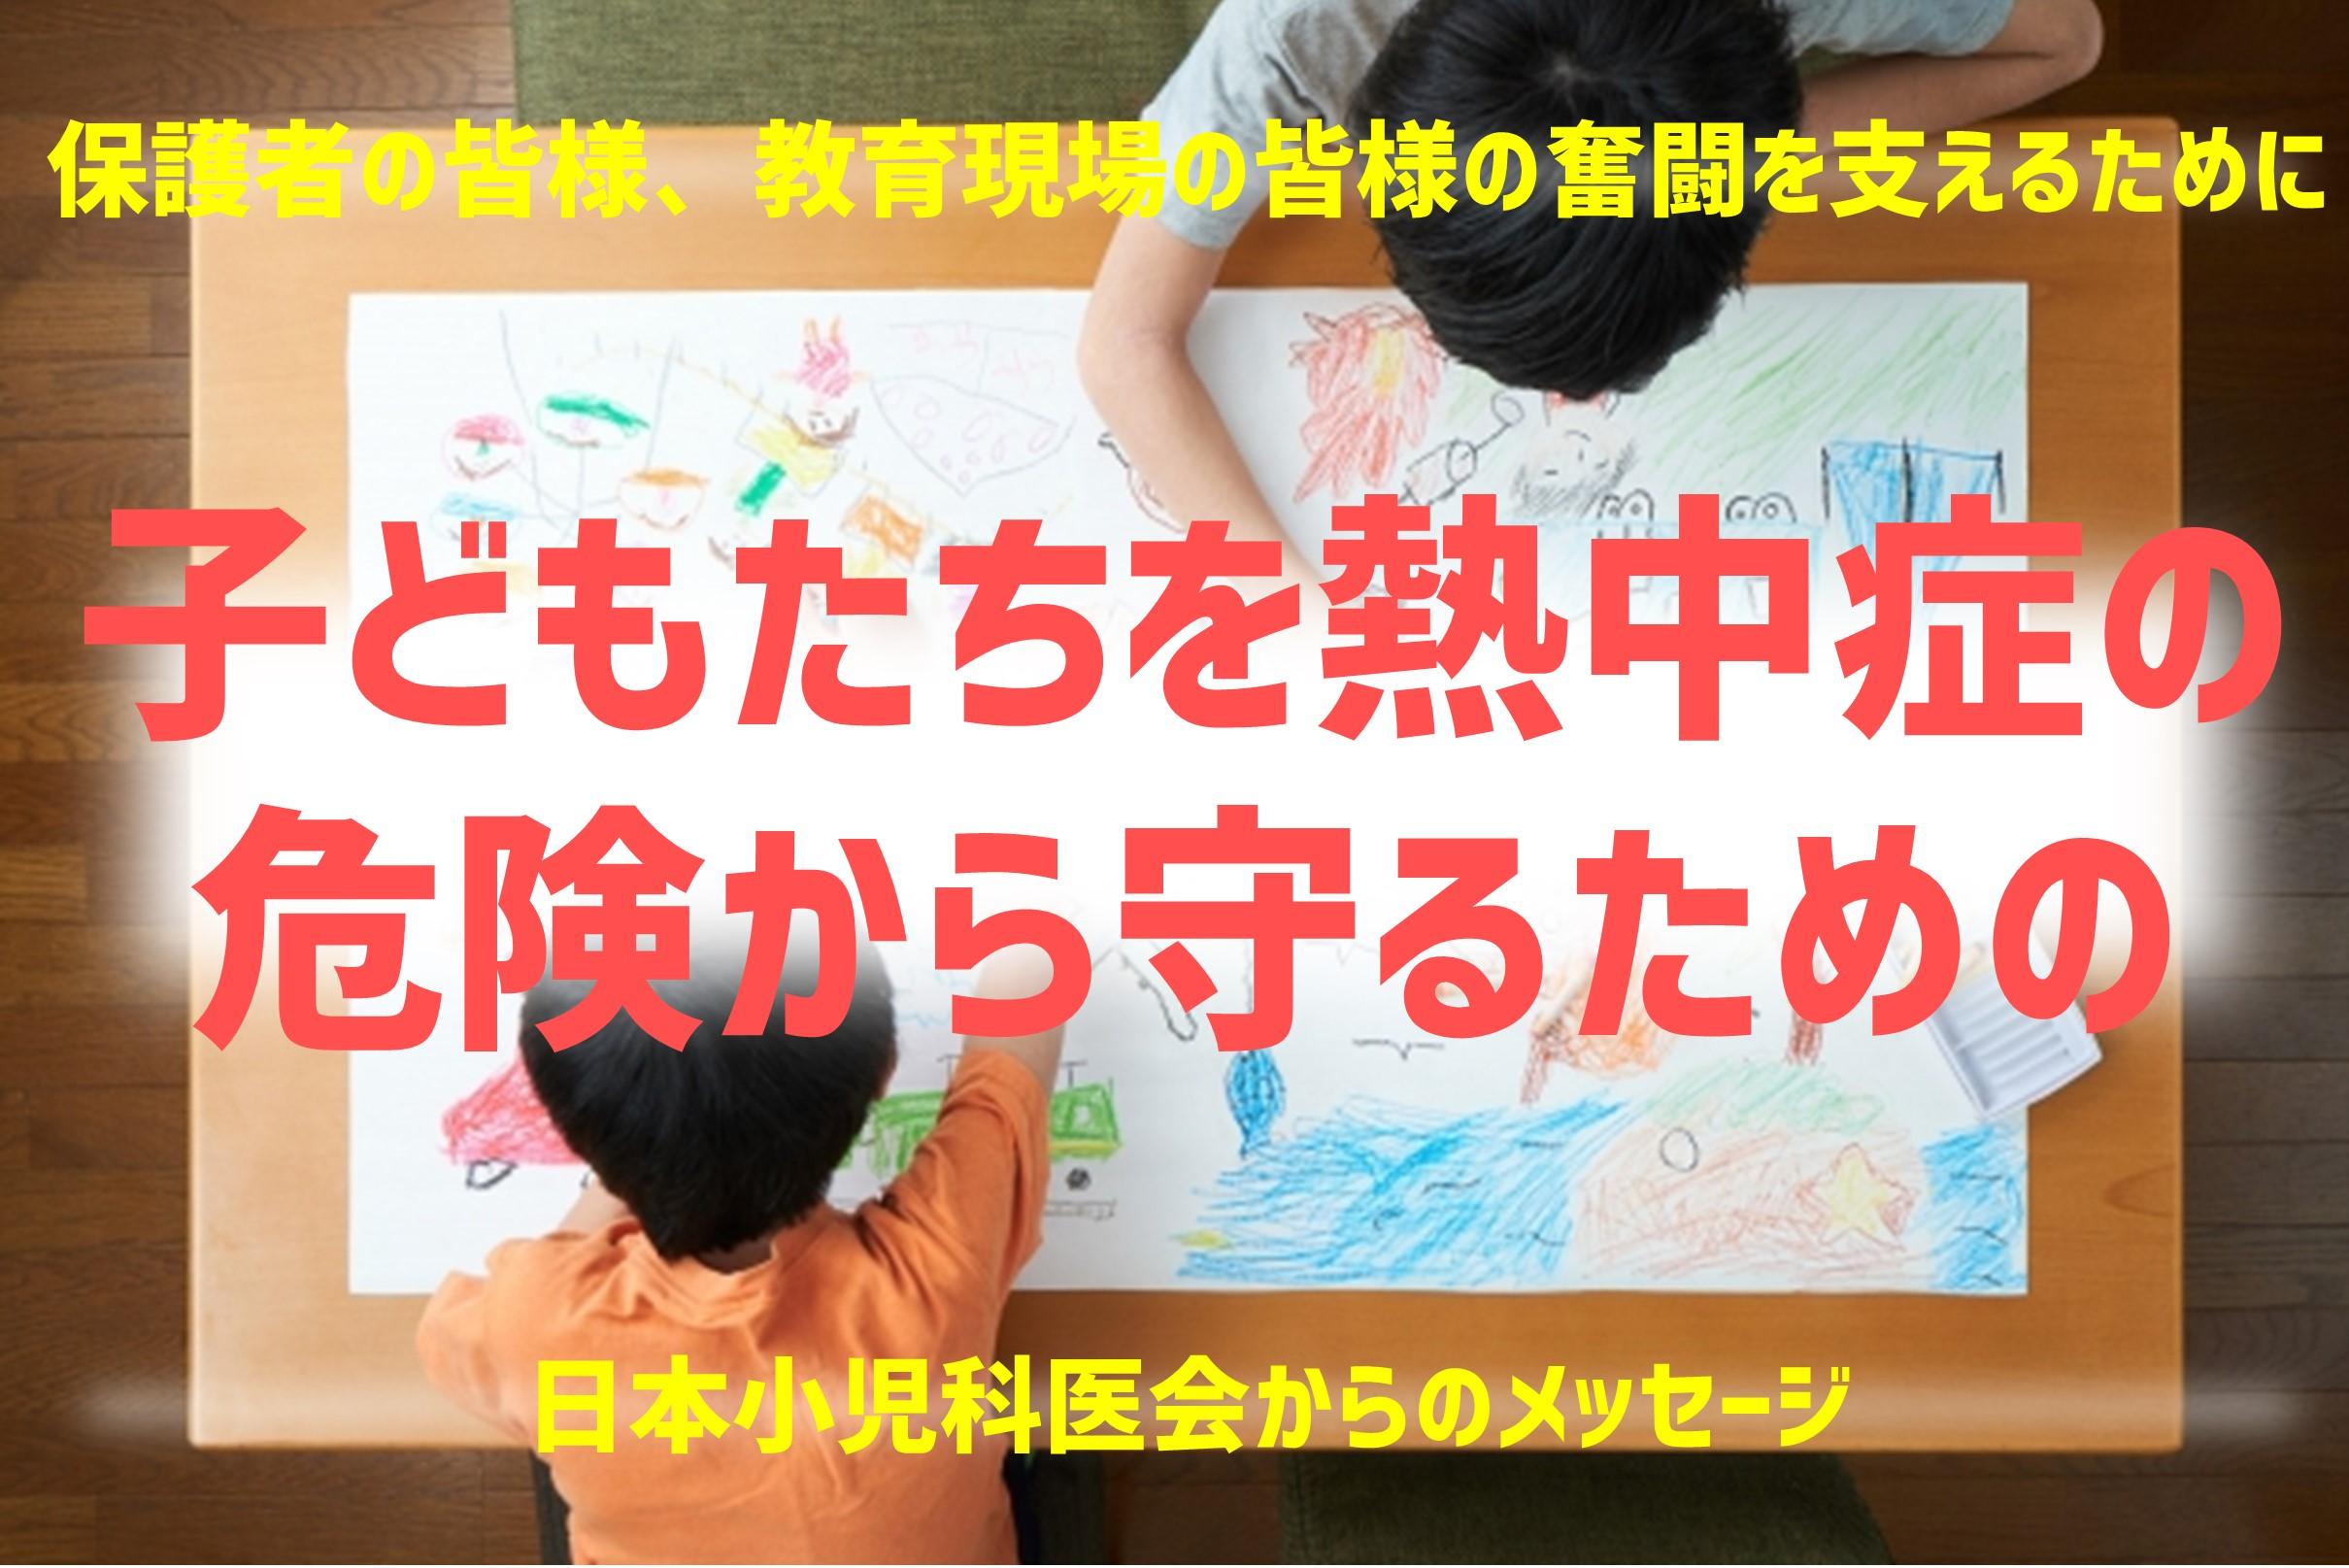 日本小児科医会からのメッセージ